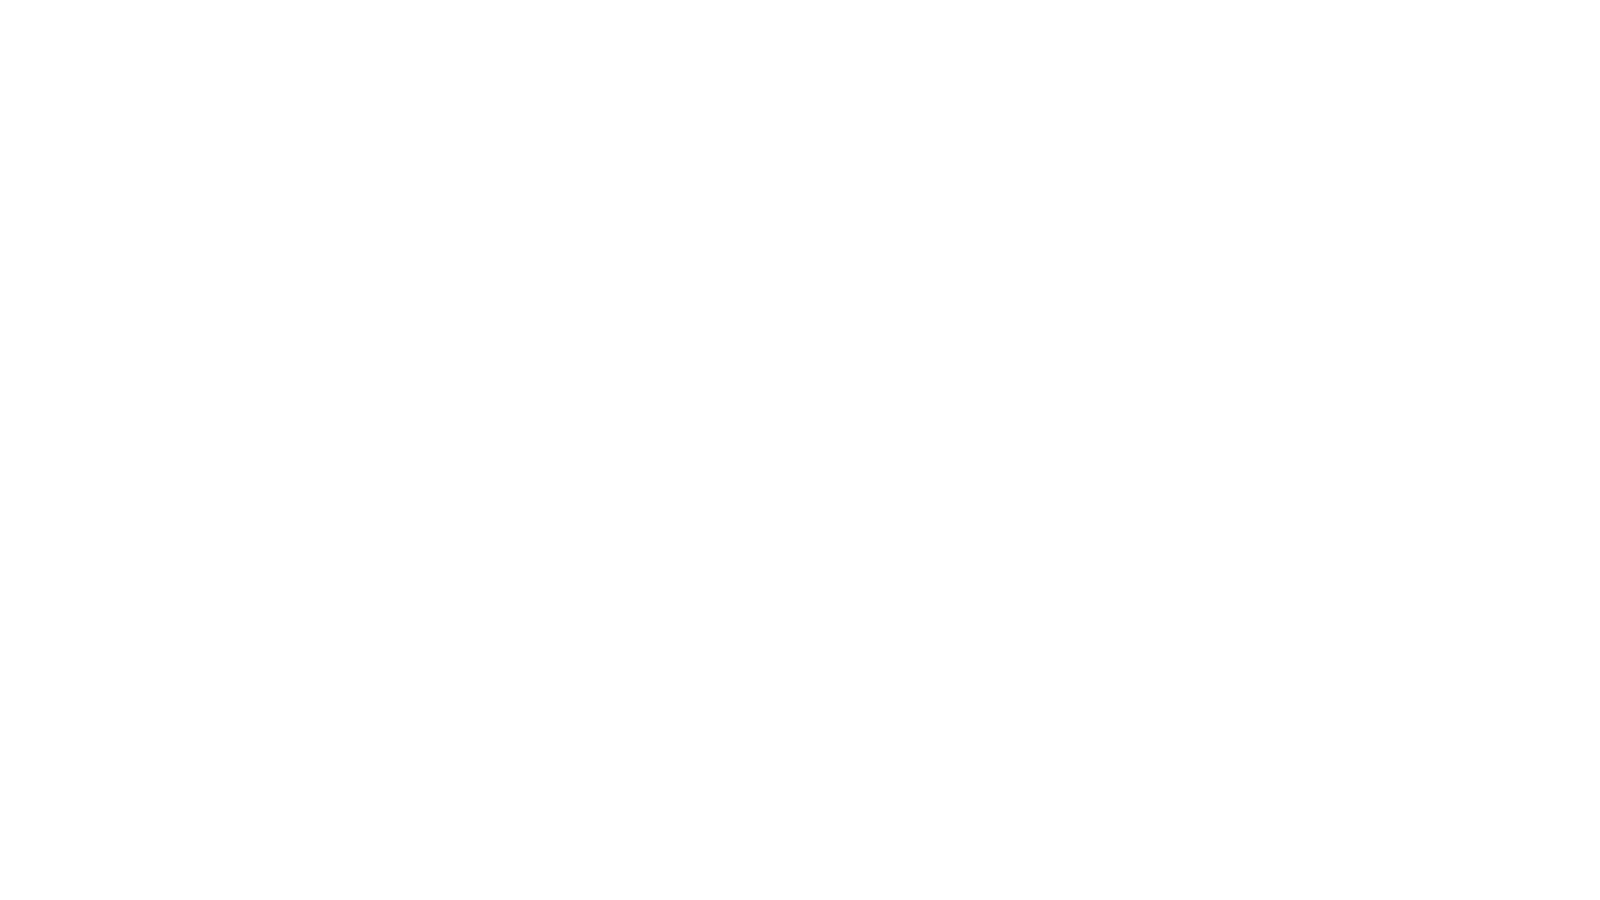 #недвижимостьвтурции #купитьквартирувалании #мечтысбываются  Жилые комплексы - CRYSTAL RIVERS и CRYSTAL NOVA  - расположены в районе Оба, находящийся  в непосредственной близости от центральной части города и крупного ТЦ Аланиум, в 130 км от аэропорта Анталии и в 40 км от аэропарта Газипаши. Удобное расположение комплексов дает возможность быстро добраться до пляжа, магазинов и центра города. 🏖 Продаются двухуровневые квартиры🔑 ☀ Особенности Комплекса: ► Игровая площадка и комната для детей ► Открытых бассейн с водными горками ► Крытый бассейн с подогревом ► Детский бассейн ► Бар у бассейна ► Сауна ► Турецкая баня (хамам) ► Ресторан ► Массажная комната ► Комната отдыха ► Зона барбекю  ► Зал для занятий фитнесом ► Настольный теннис и бильярд ► Playstation  ► Автомобильная стоянка ► Благоустроенный сад ►Кондиционер во всех комнатах ► 24/7 видеонаблюдение и охрана ► Центральная спутниковая система ► Генератор 📍Наши уважаемые клиенты и подписчики, хотим напомнить, что в январе 2020 г. мы переехали в новый офис. Теперь вы можете найти нас по адресу: р-н Джумхуриет, бл-р. Кейкубат No:221/A-13, недалеко от торгового центра Alanyum.  Для полной информации приходите в главный офис или свяжитесь с нами🤝 Поможем подобрать для вас квартиру вашей мечты😍 Подробная информация: ● WhatsApp, Telegram: 📲 +90 533 918 8 810 ● Facebook - https://www.facebook.com/oguzhan.global ● Vkontakte - https://vk.com/oguzhanconstruction ● Instagram - https://www.instagram.com/oguzhanconstruction 📲 Whats App ⤵ https://wa.me/905339188810 📧 info@oguzhanconstruction.com 🌐 https://www.oguzhanconstruction.com Квартиры у моря эмигрировать в Турцию жизнь в турции всё про Аланию лучший район алании обзор районов алании обзор по алании какие районы в алании? какие районы в анталии? сколько стоит недорогая квартира в Алании? сколько стоит недорогая квартира в Анталии? сколько стоит недорогая квартира в Турции? какая процедура приобретения недвижимости в Турции? какая процедура приобретения недвижимости в Алань